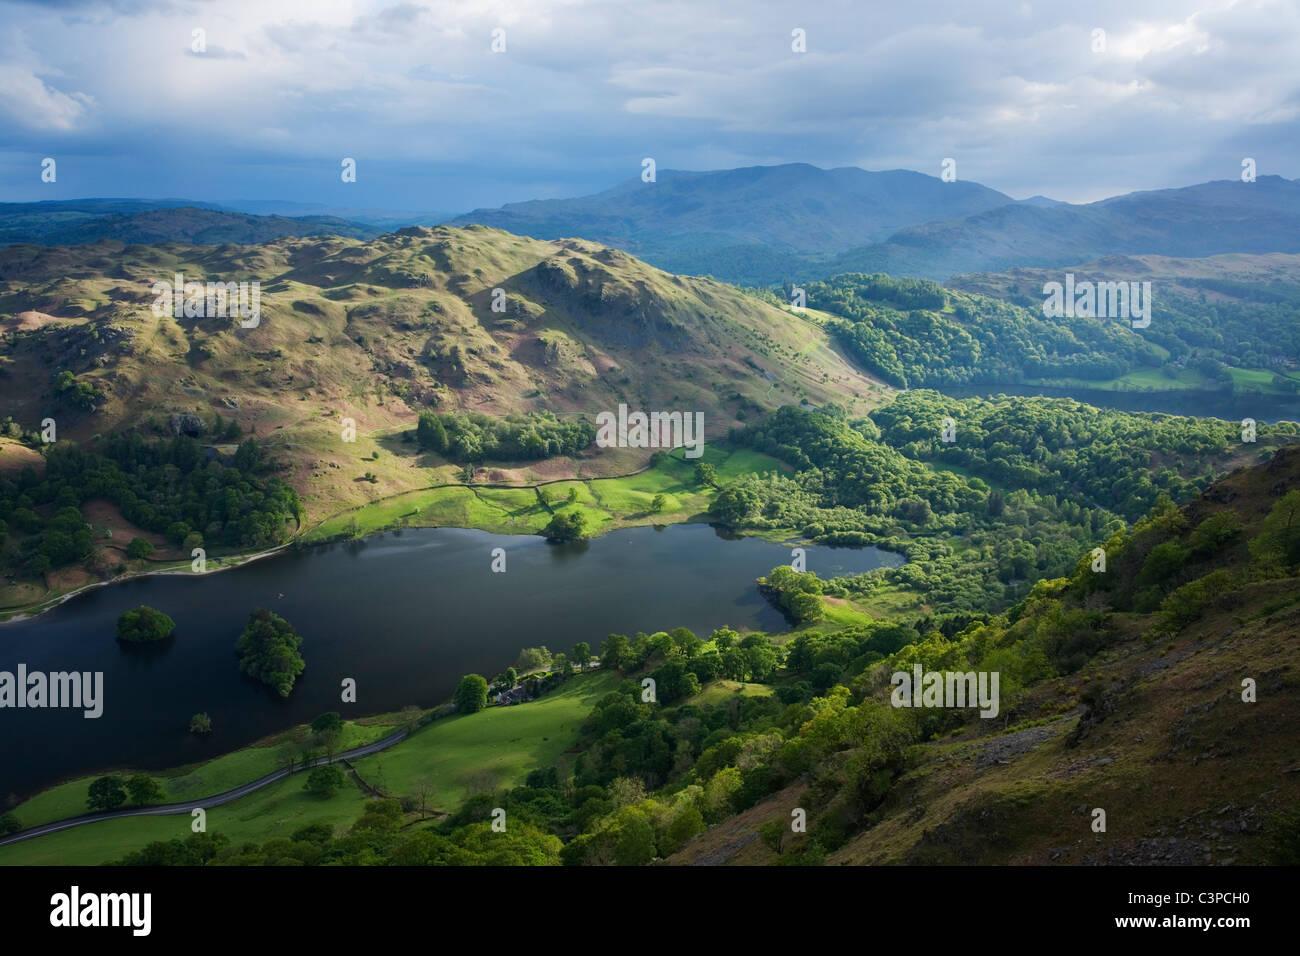 Rydal acqua e Loughrigg è sceso dal NAB di cicatrice con Grassmere al di là. Parco Nazionale del Distretto dei Laghi. Cumbria. In Inghilterra. Regno Unito. Foto Stock